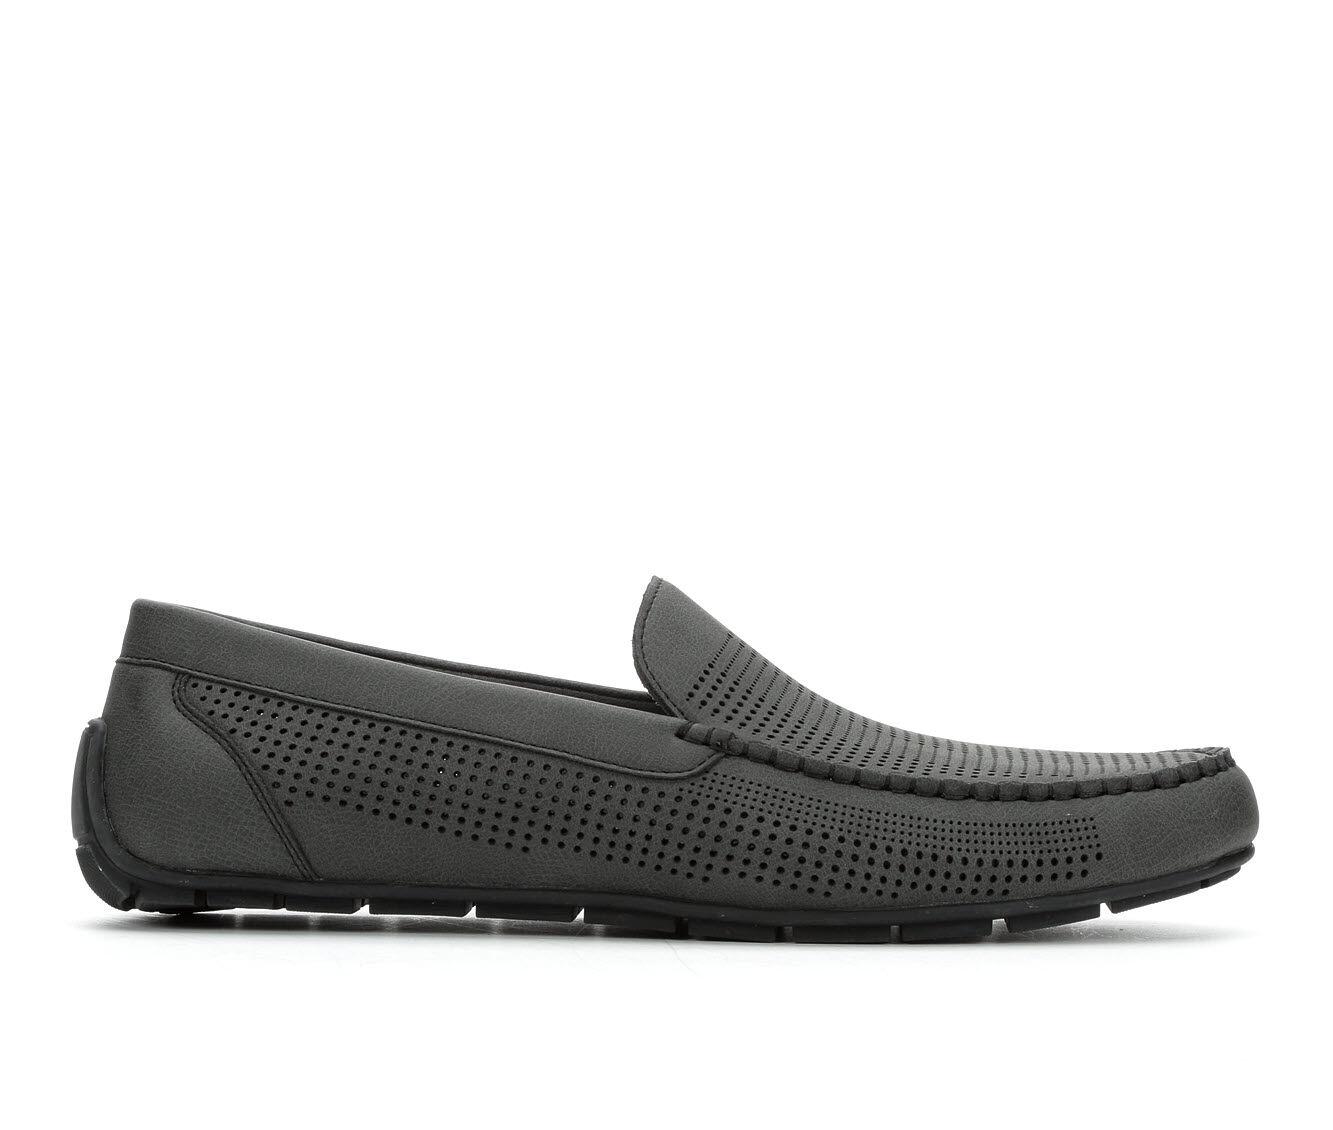 Men's Madden Montz Loafers Black